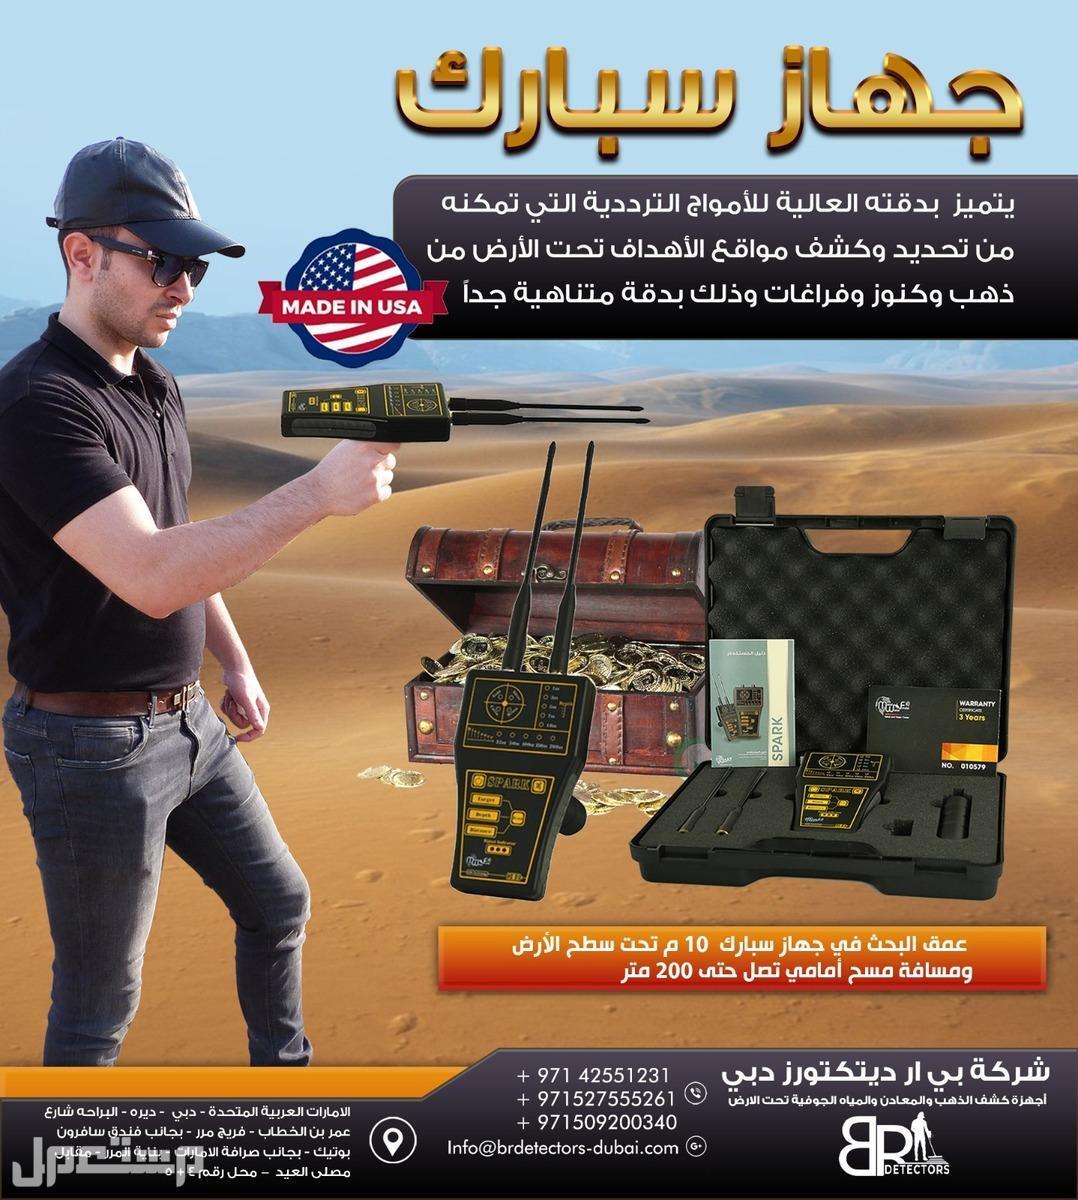 اجهزة كشف الذهب في الكويت سبارك اجهزة كشف الذهب في الكويت سبارك